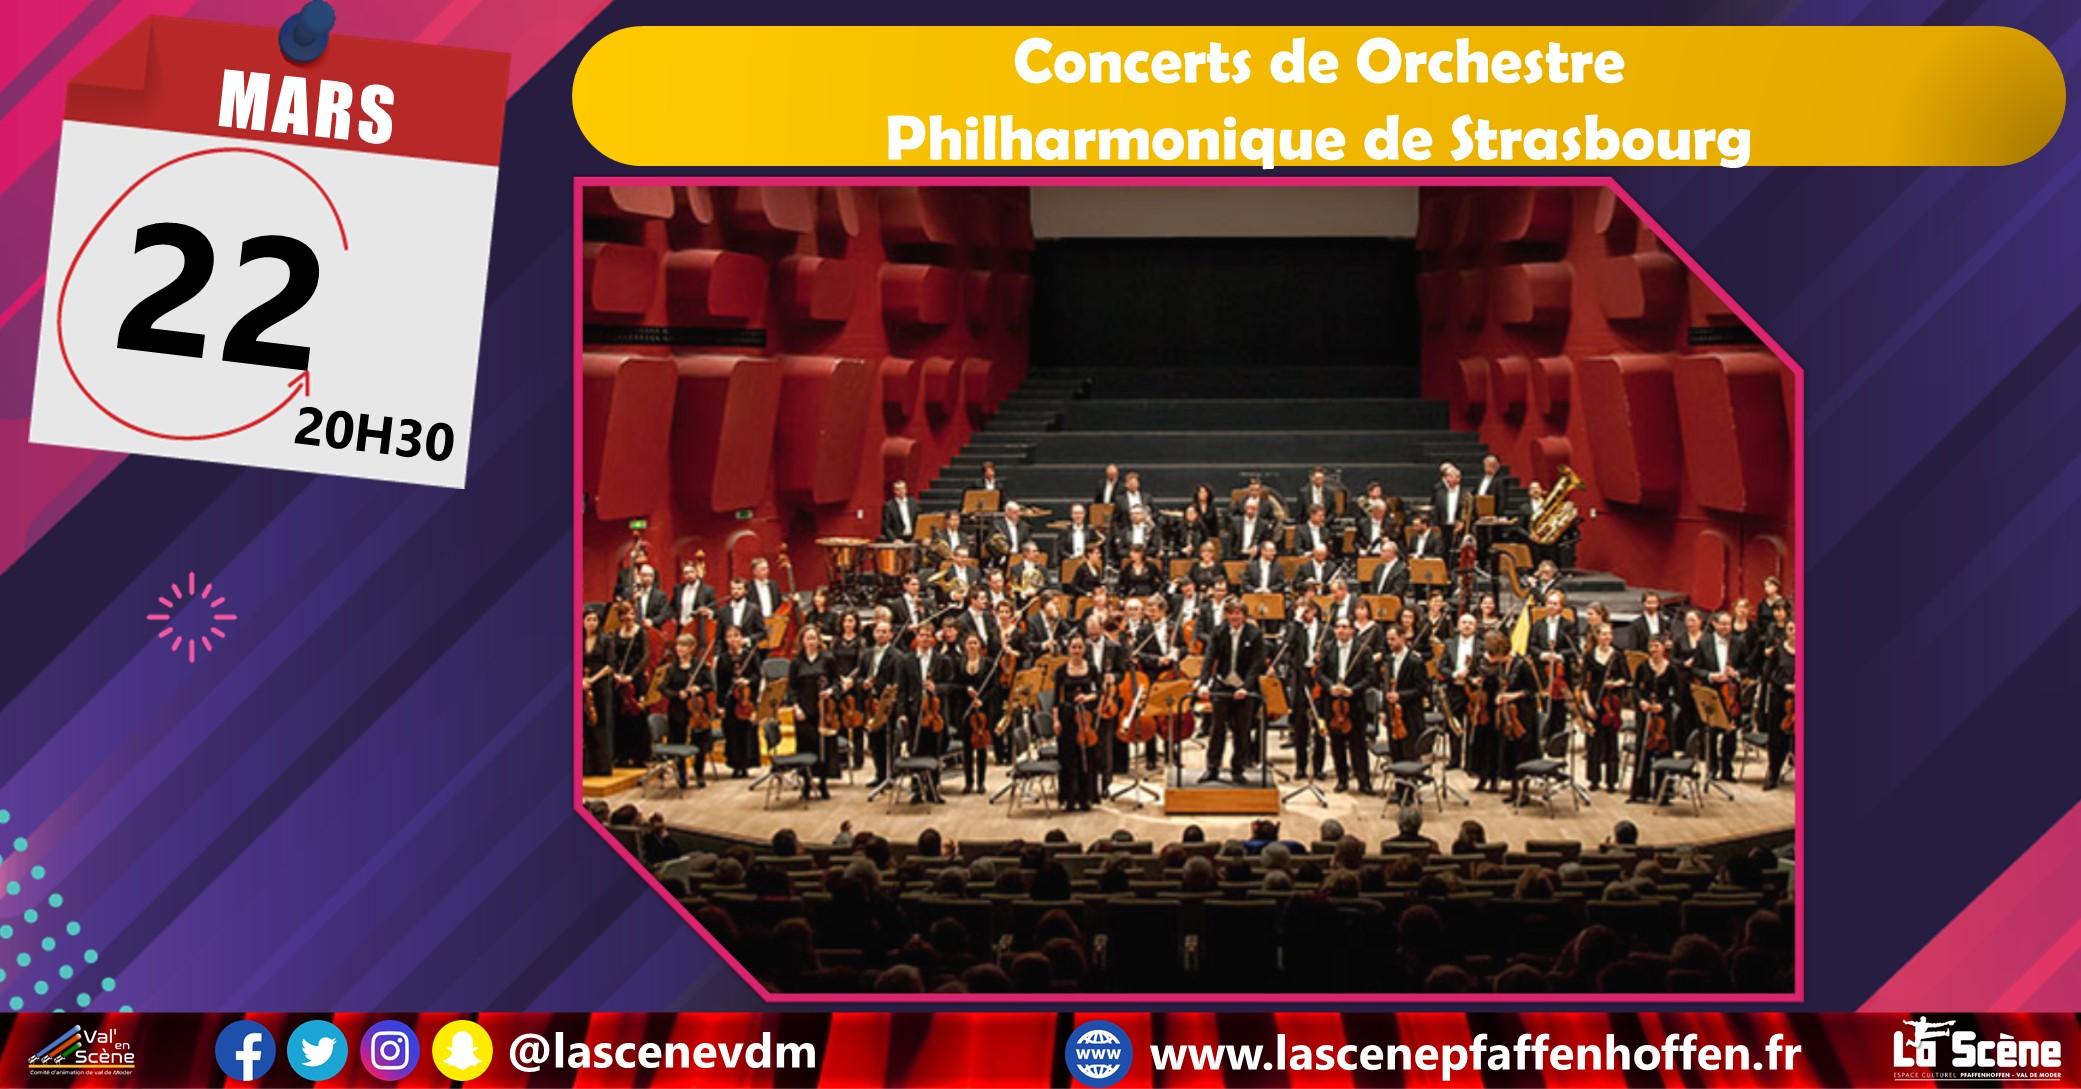 Concert de l'Orchestre Philharmonique de Strasbourg